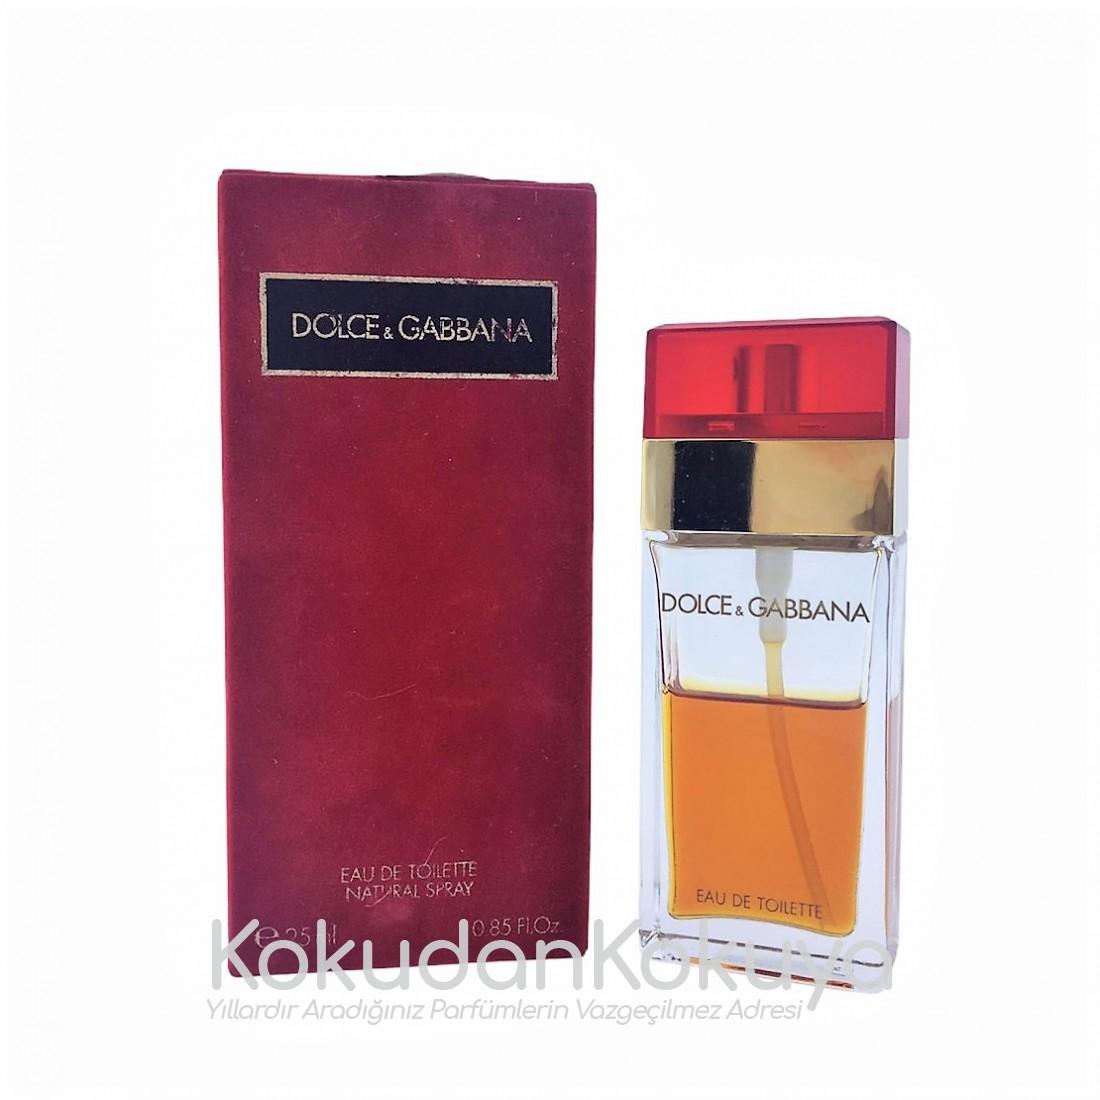 DOLCE GABBANA Pour Femme (Vintage) Parfüm Kadın 25ml Eau De Toilette (EDT) Sprey